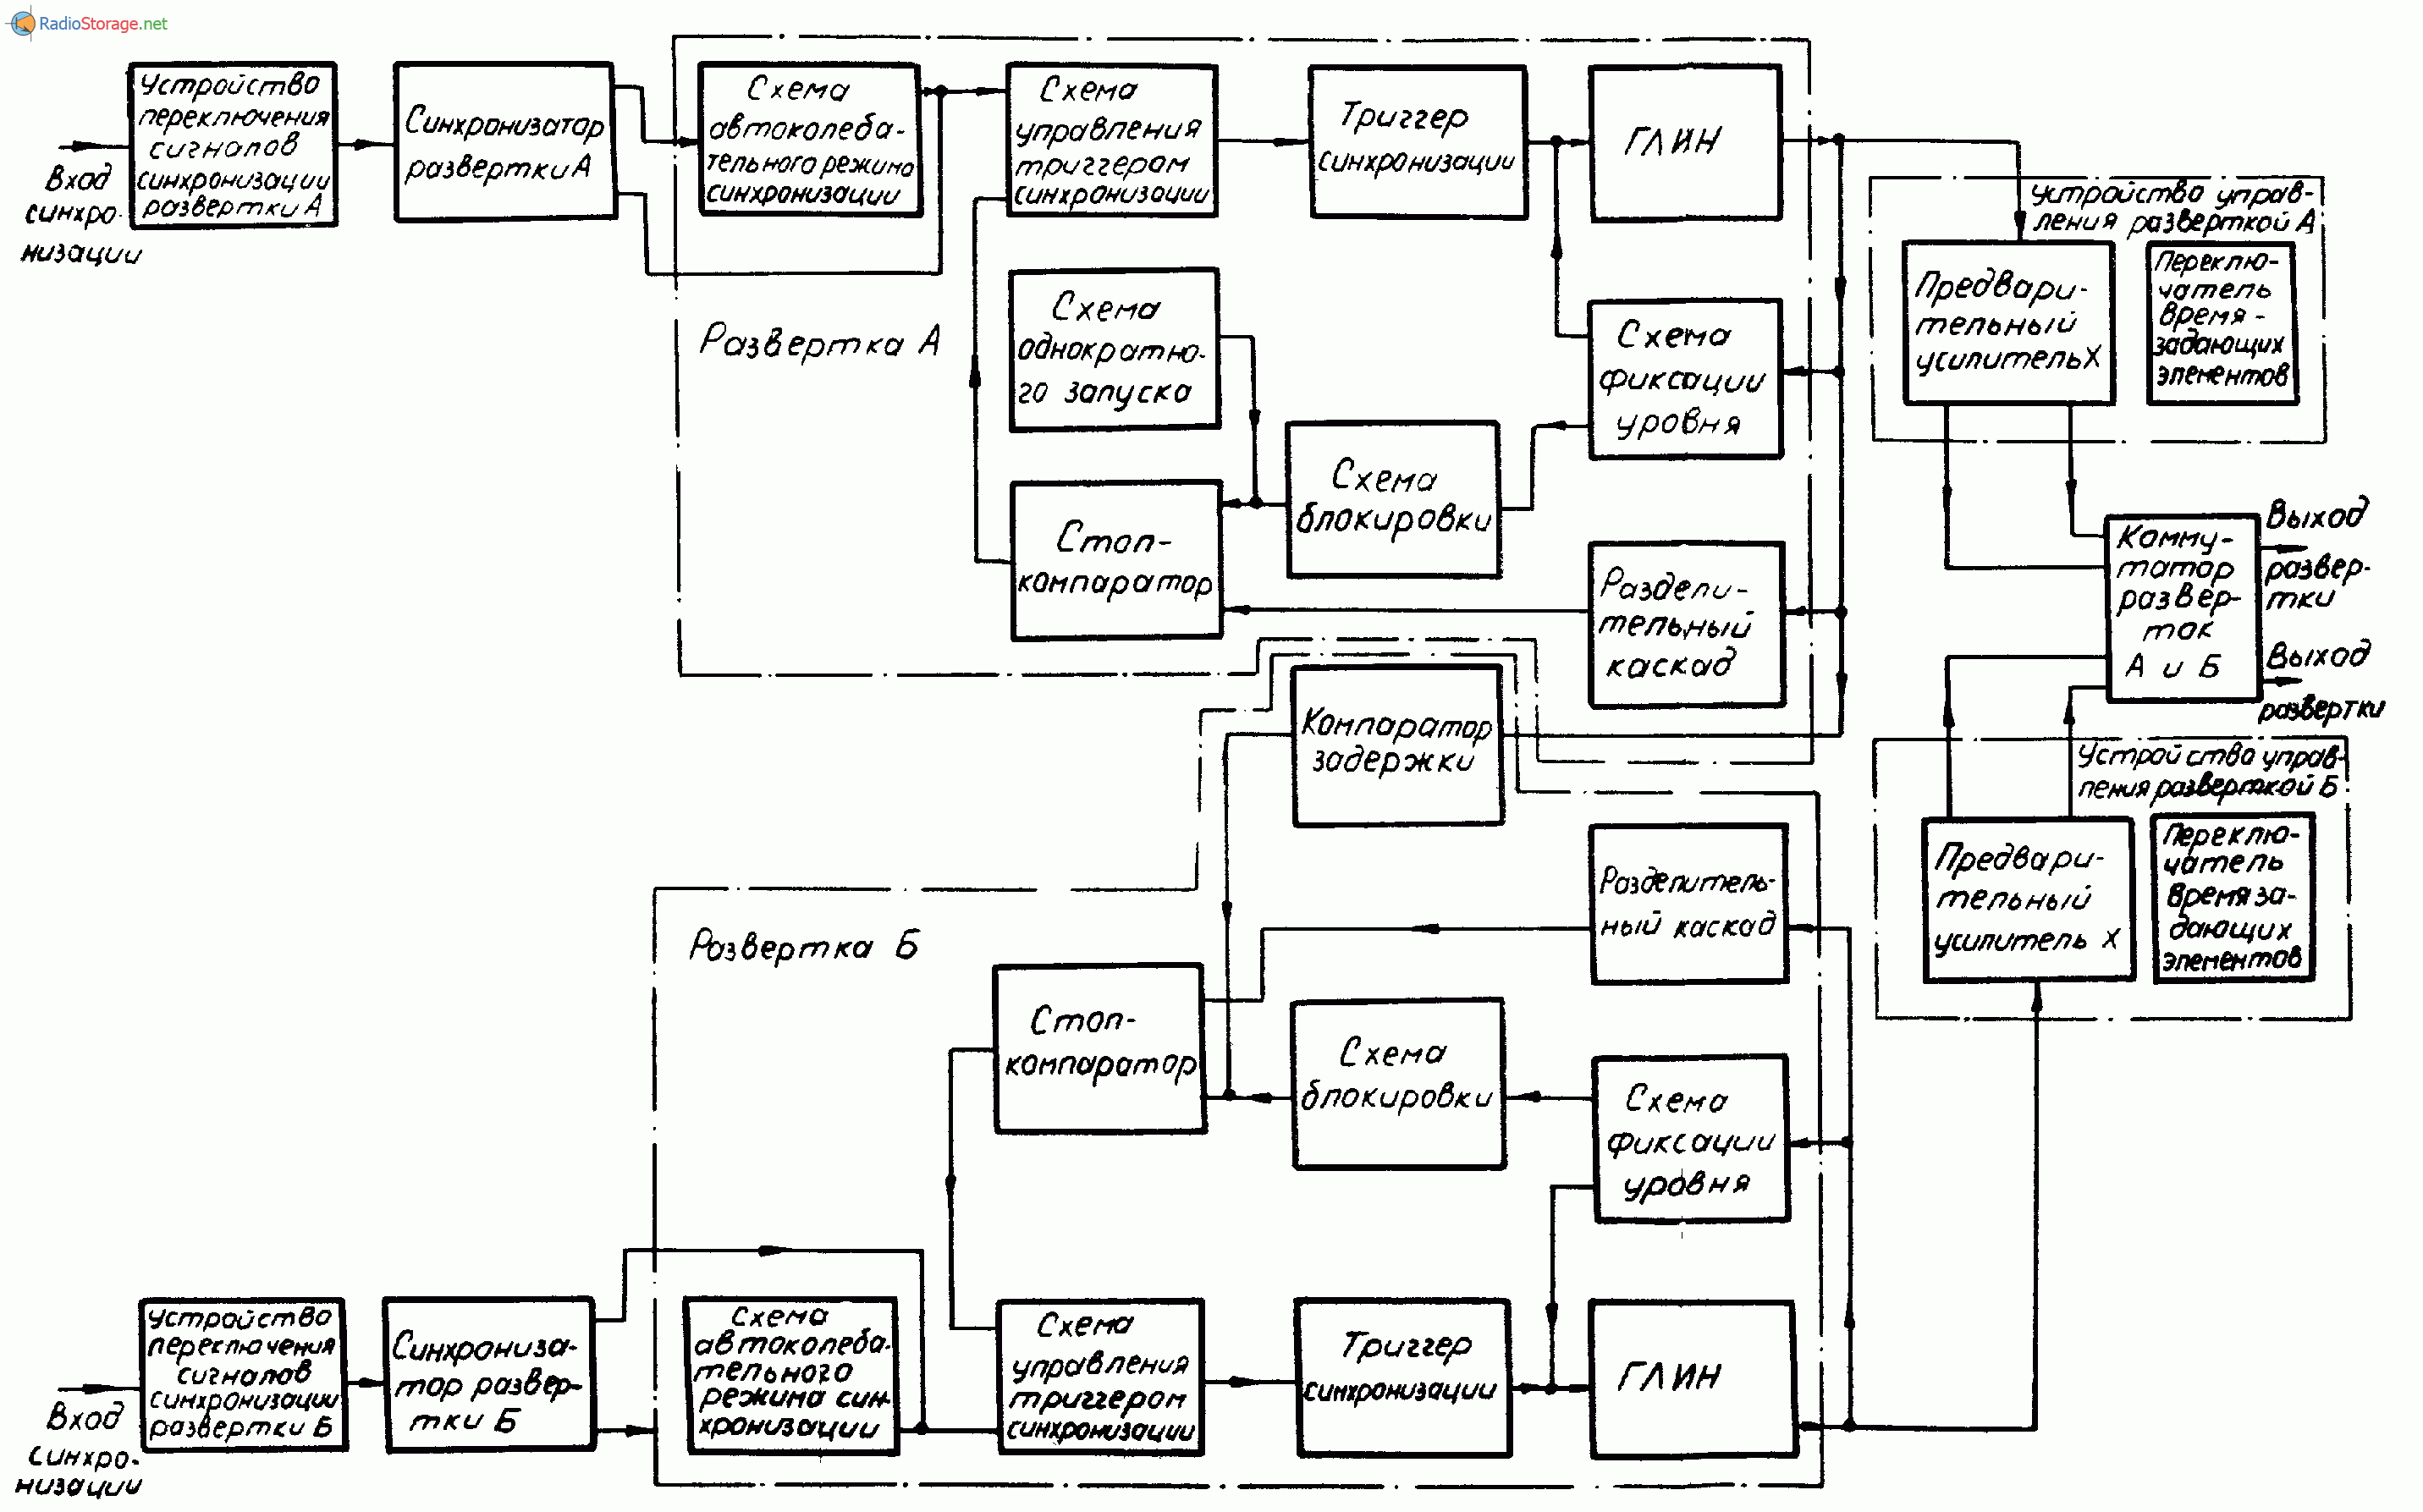 usb вход для устройства схема электрическая